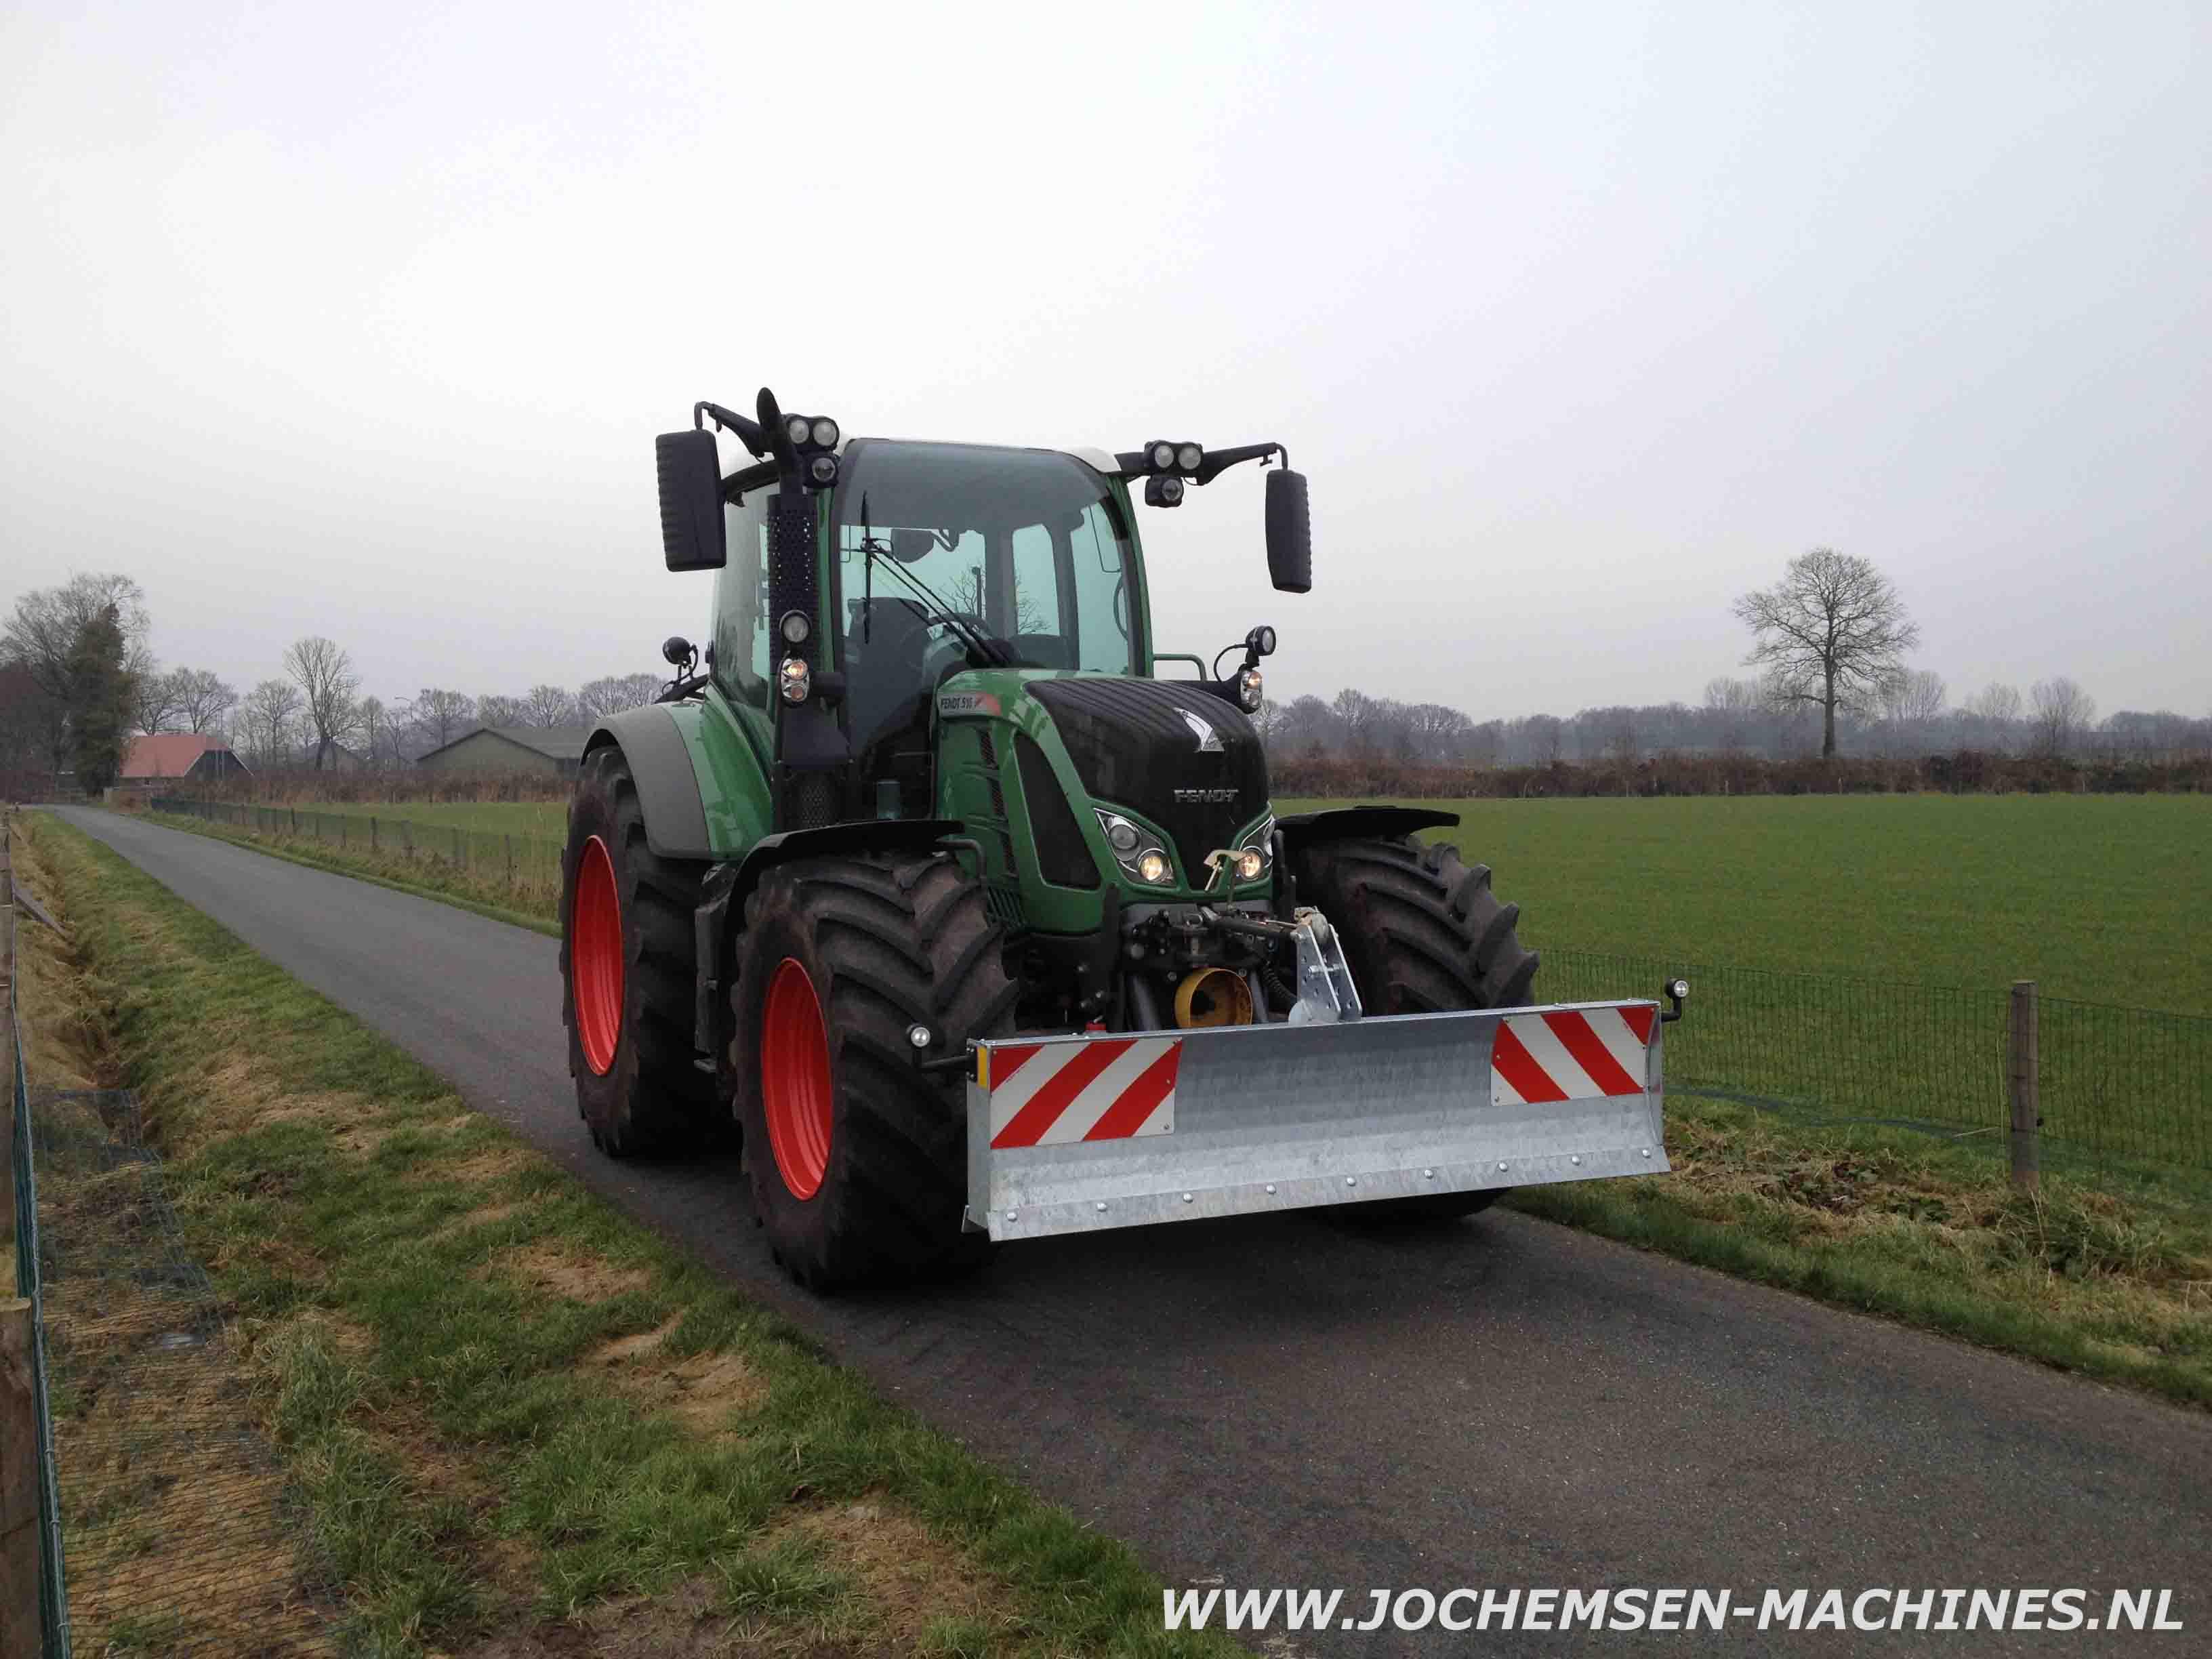 Fendt-516-Frontschuif-2200-Jochemsen